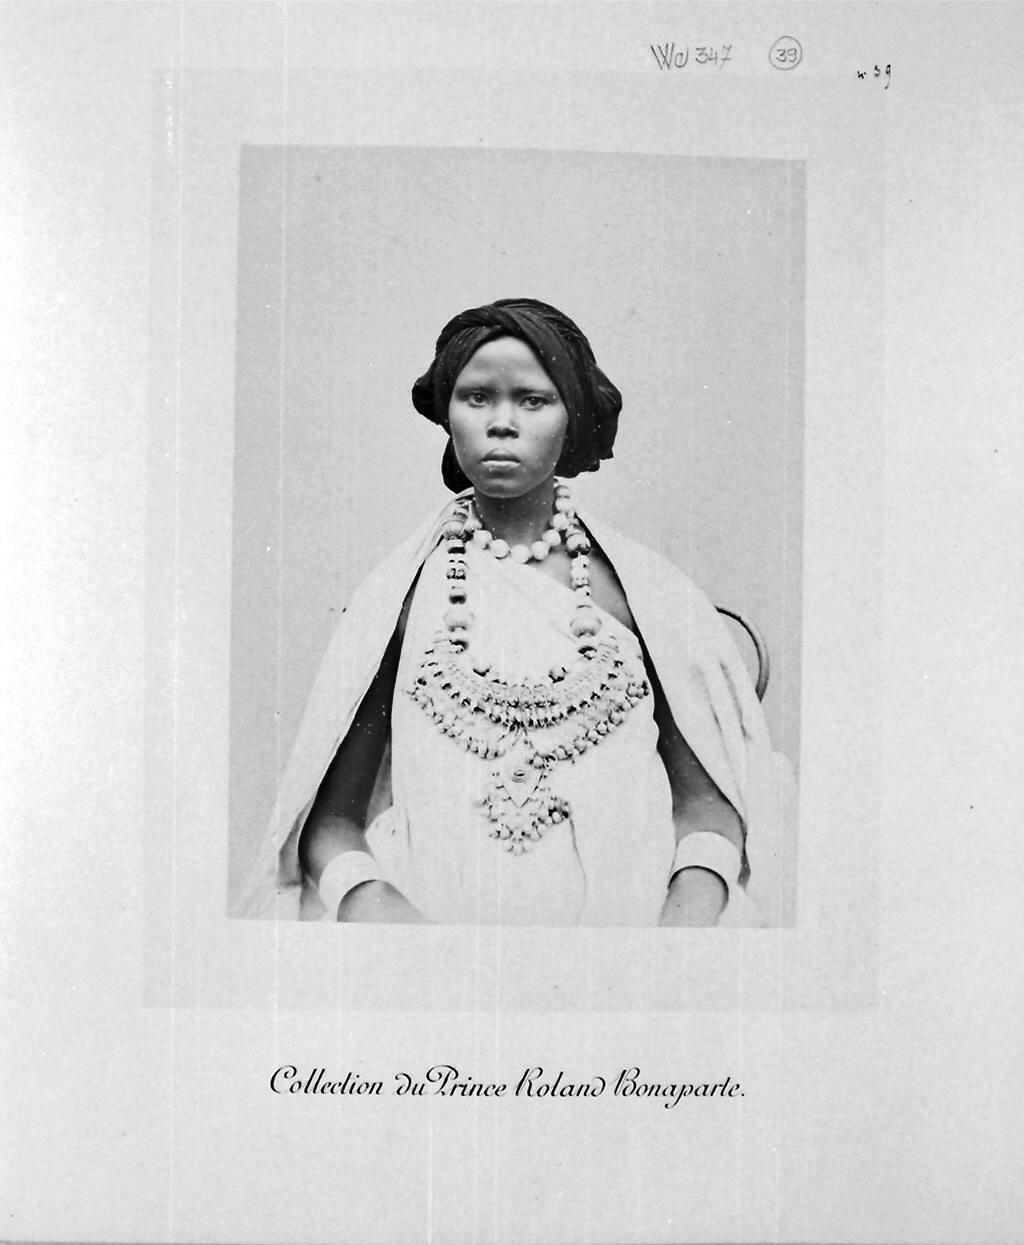 Марьян Робле, племя Хабар-аваль, 23 лет